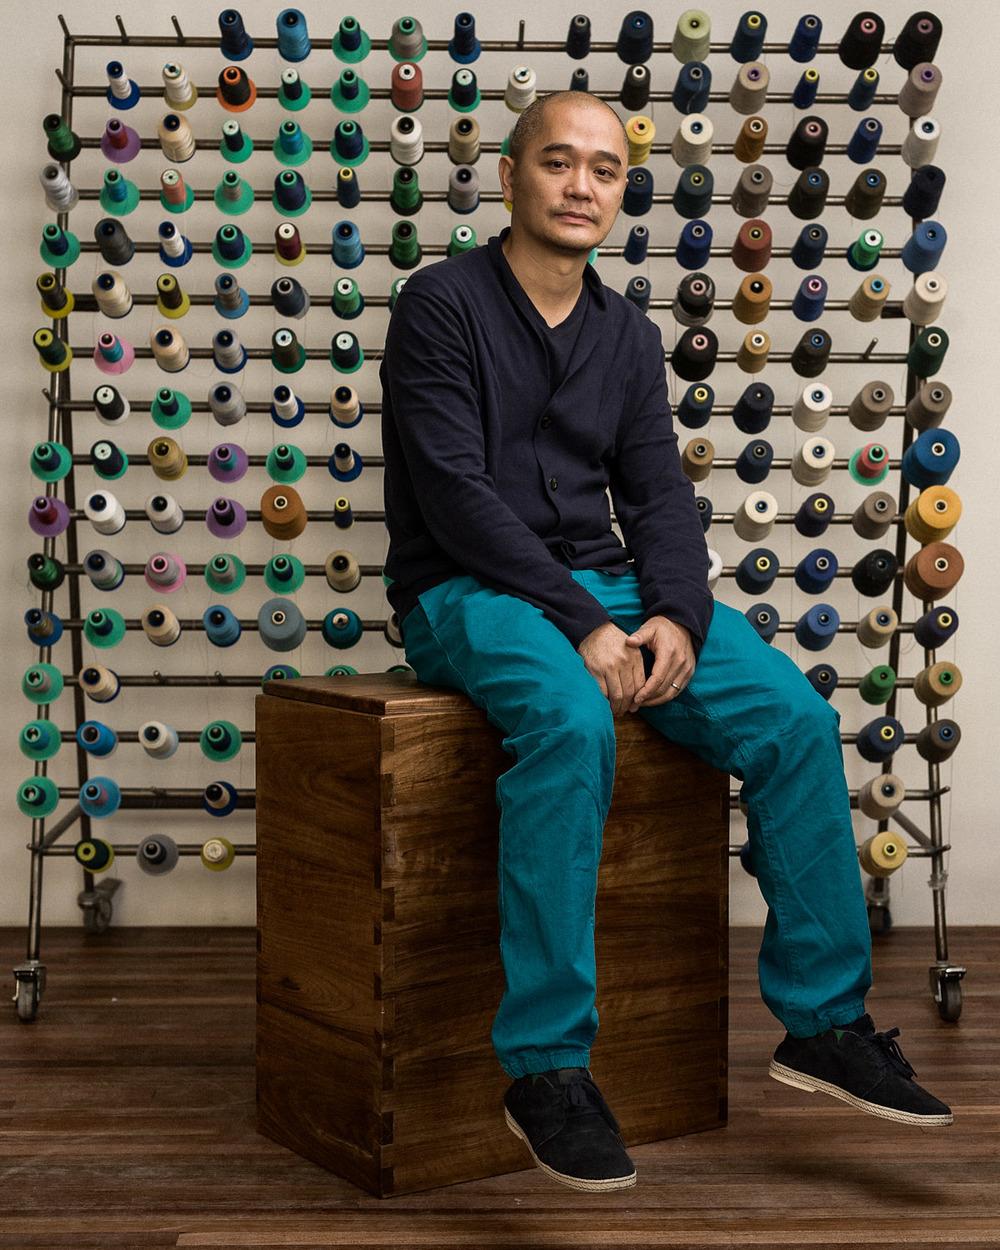 Huang Zhifeng